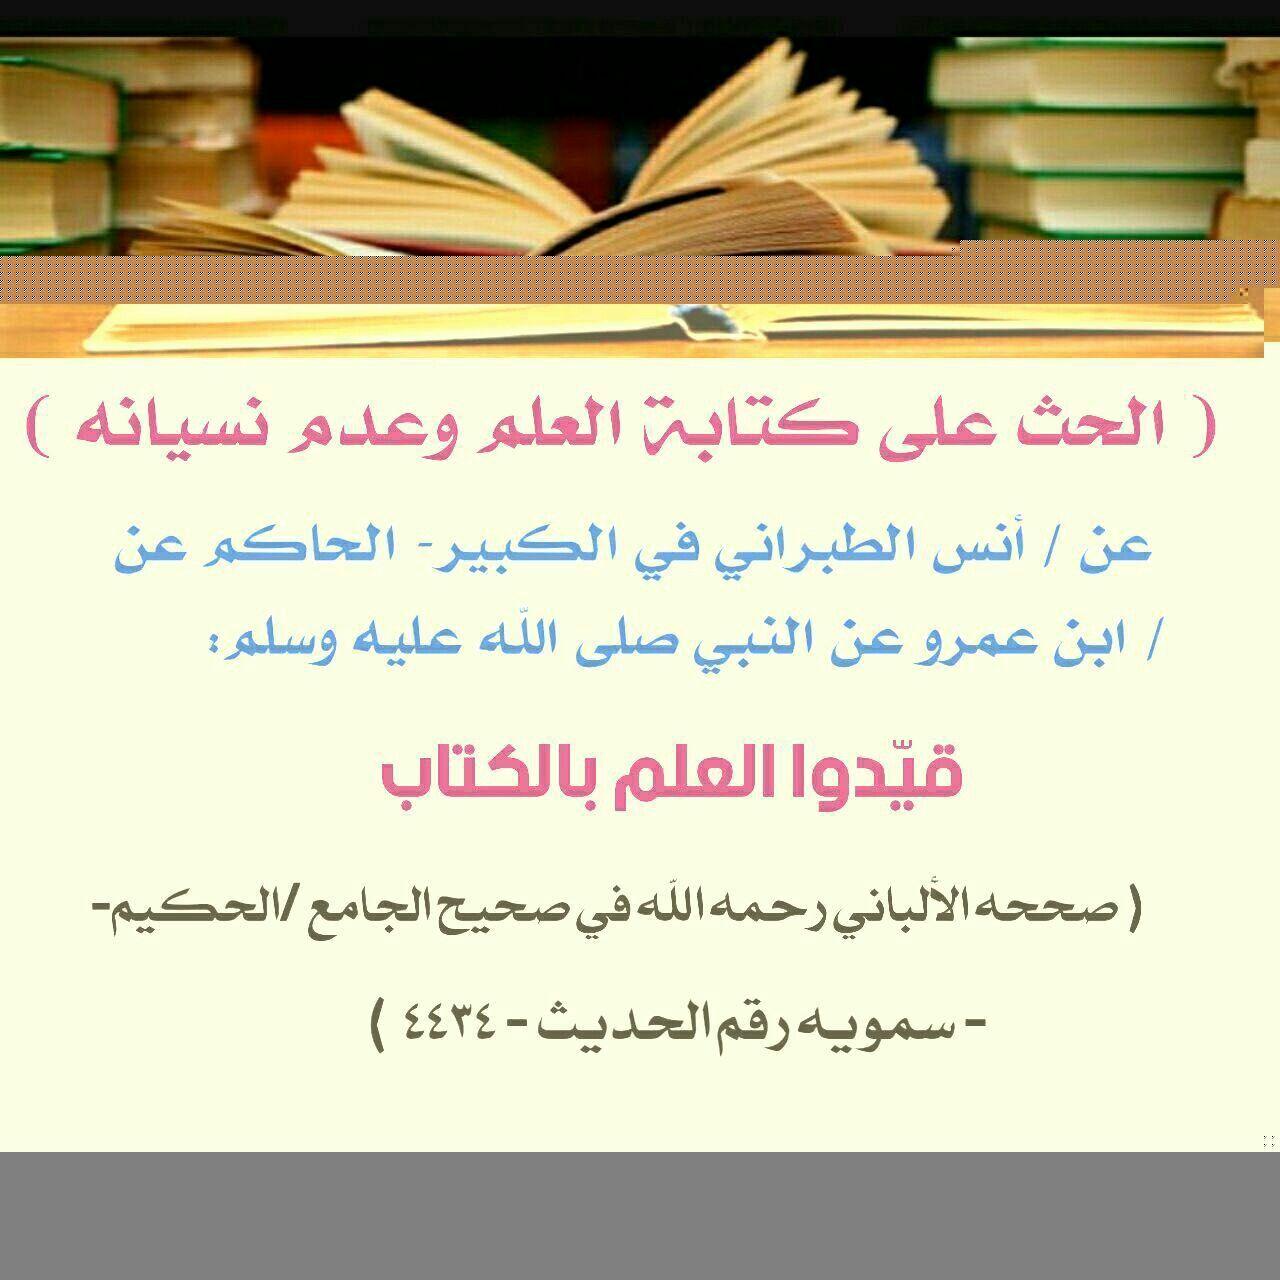 Pin By زهرة الياسمين On طلب العلم Luu Eee